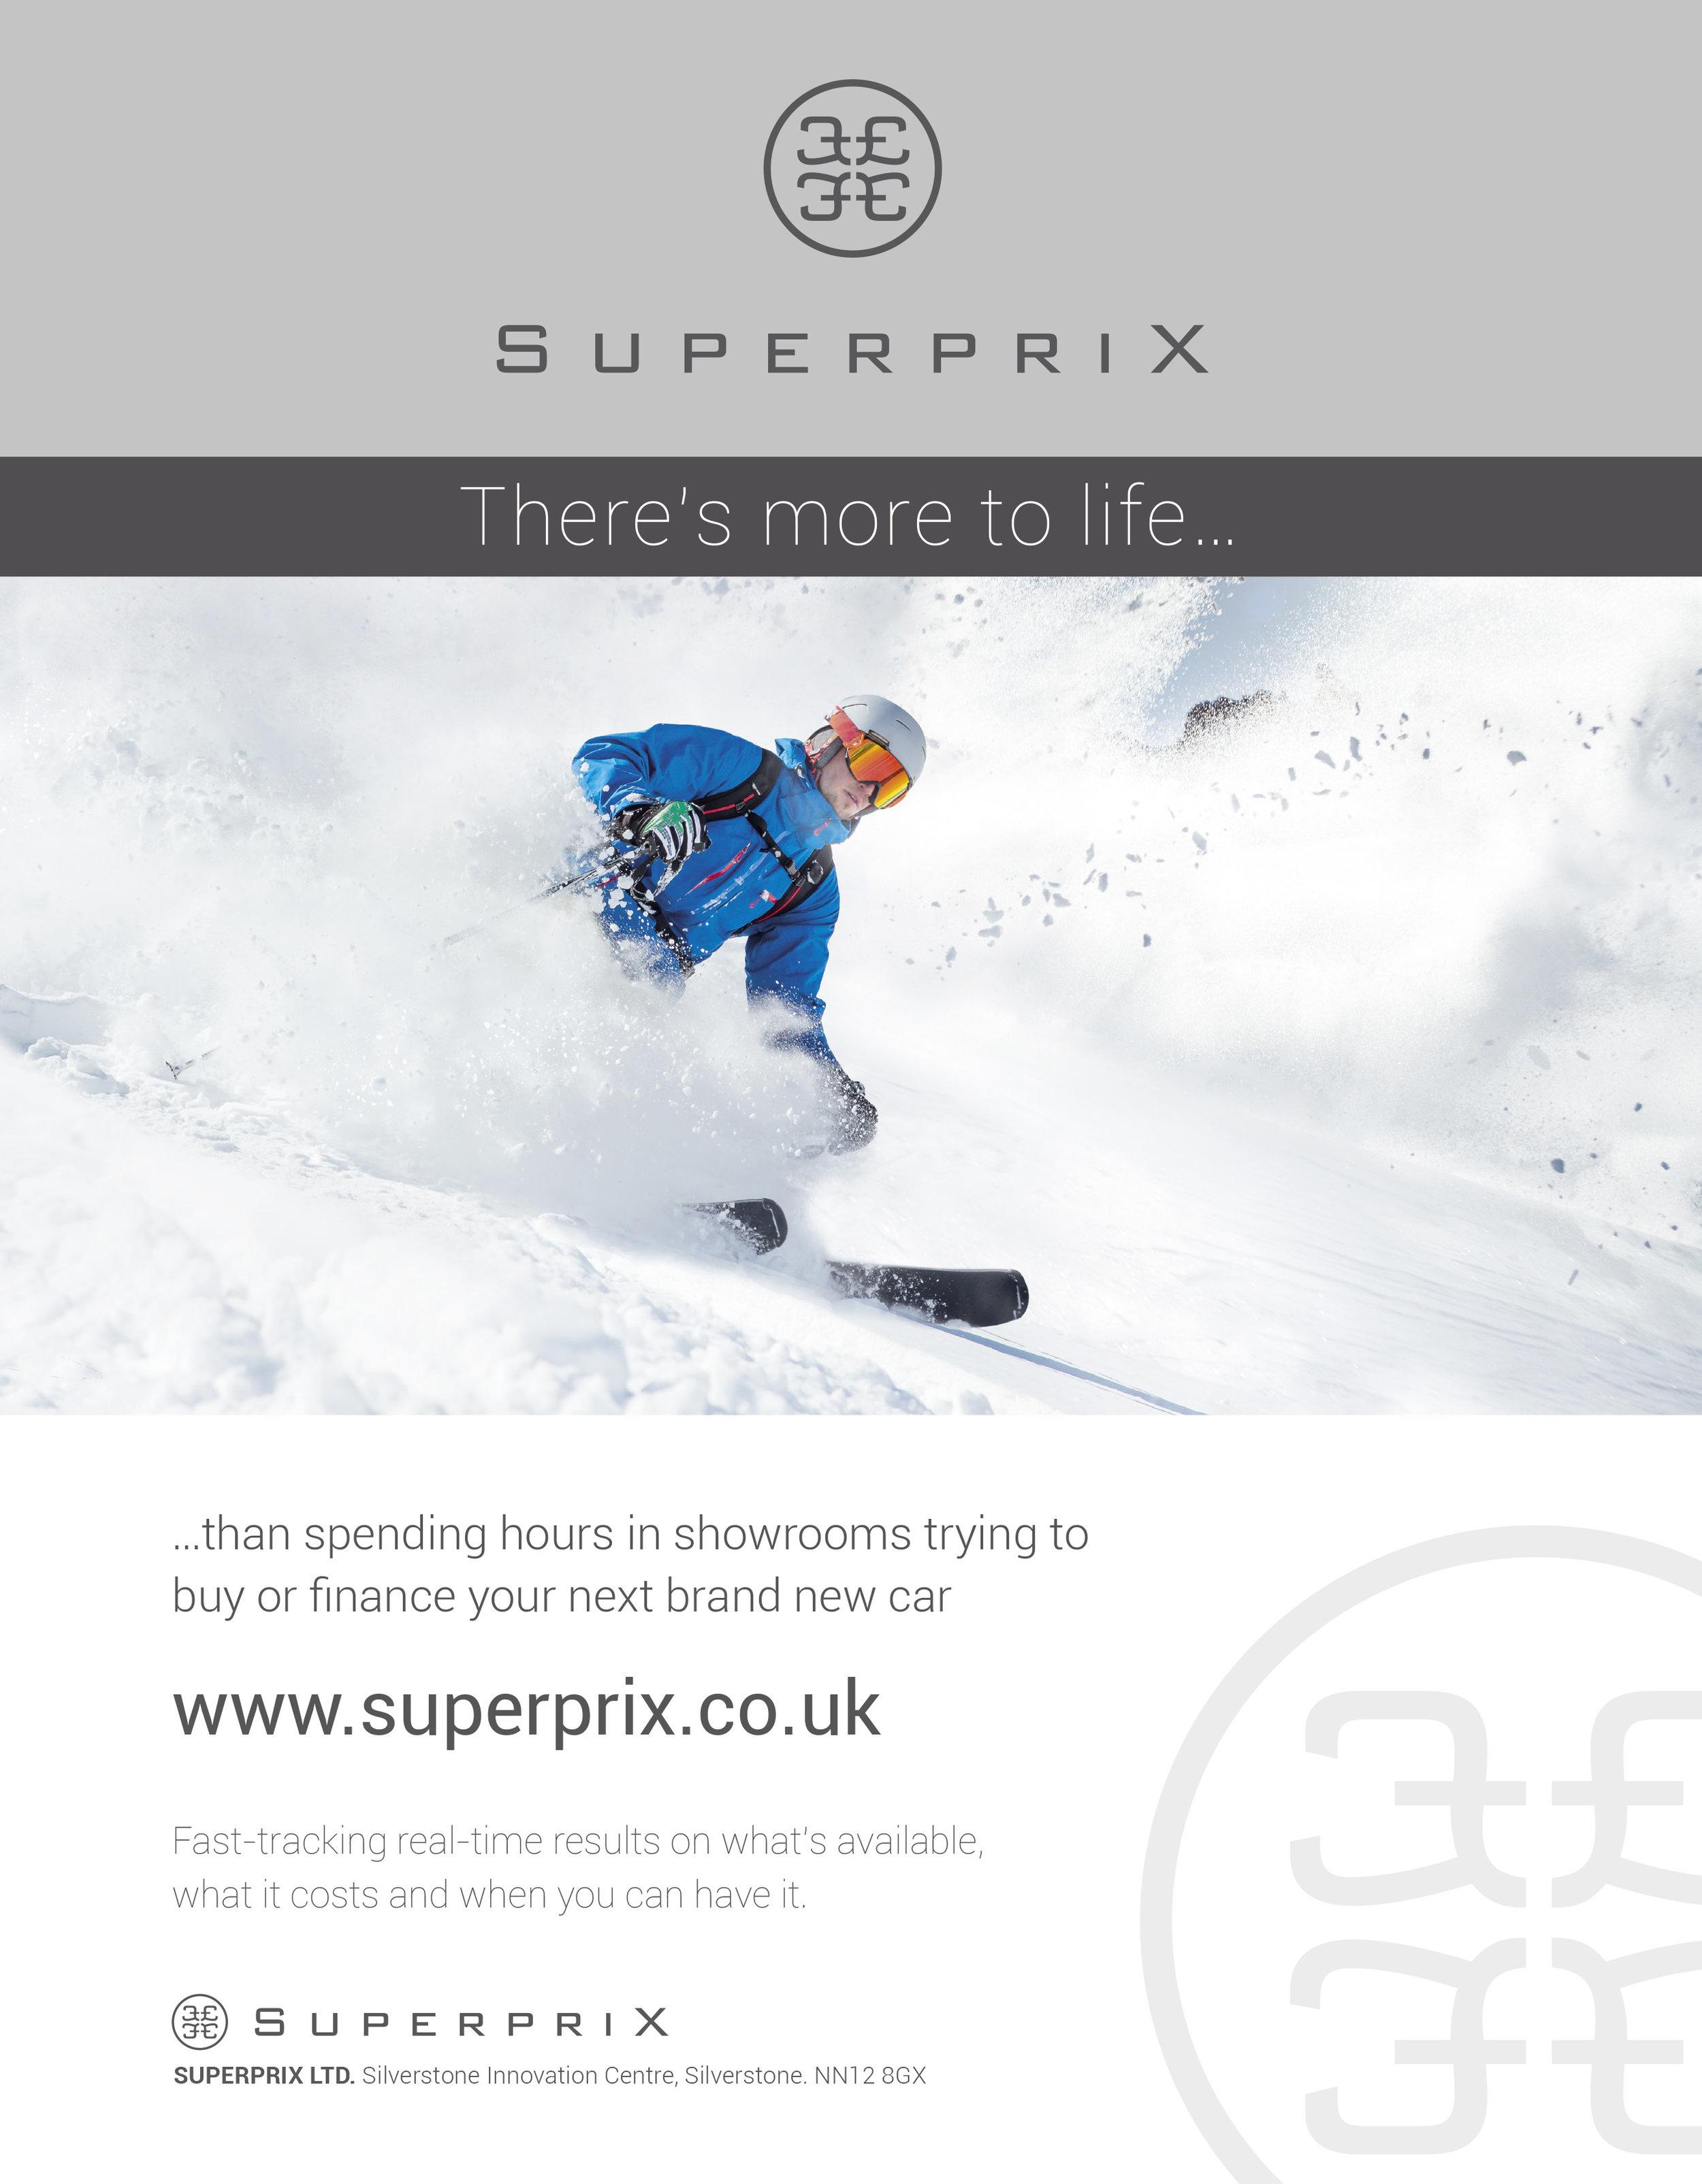 superprix-snow.jpg